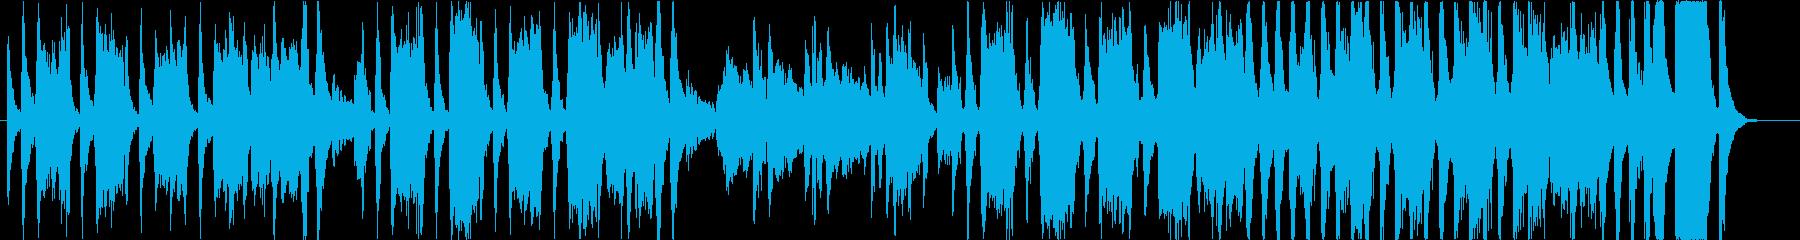 ほのぼの怪しいコメディコミカルファゴットの再生済みの波形